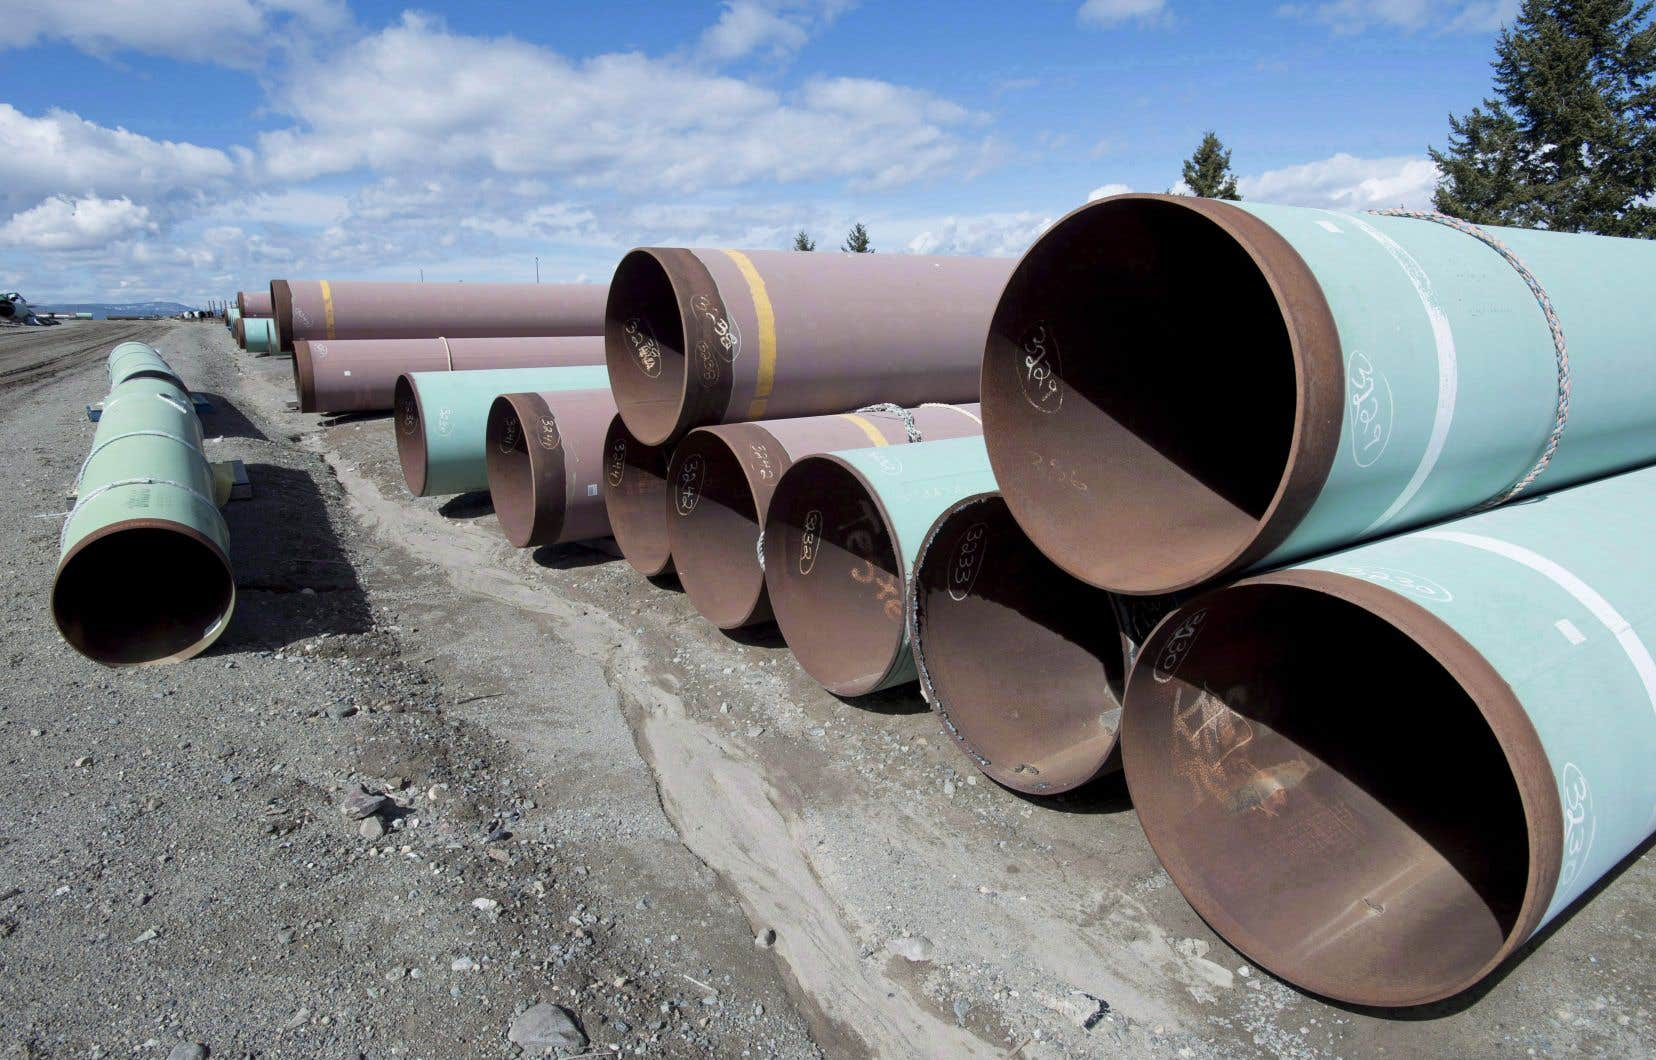 «L'oléoduc passant par le Québec serait presque cinq fois plus long que celui de Trans Mountain», souligne l'auteur.